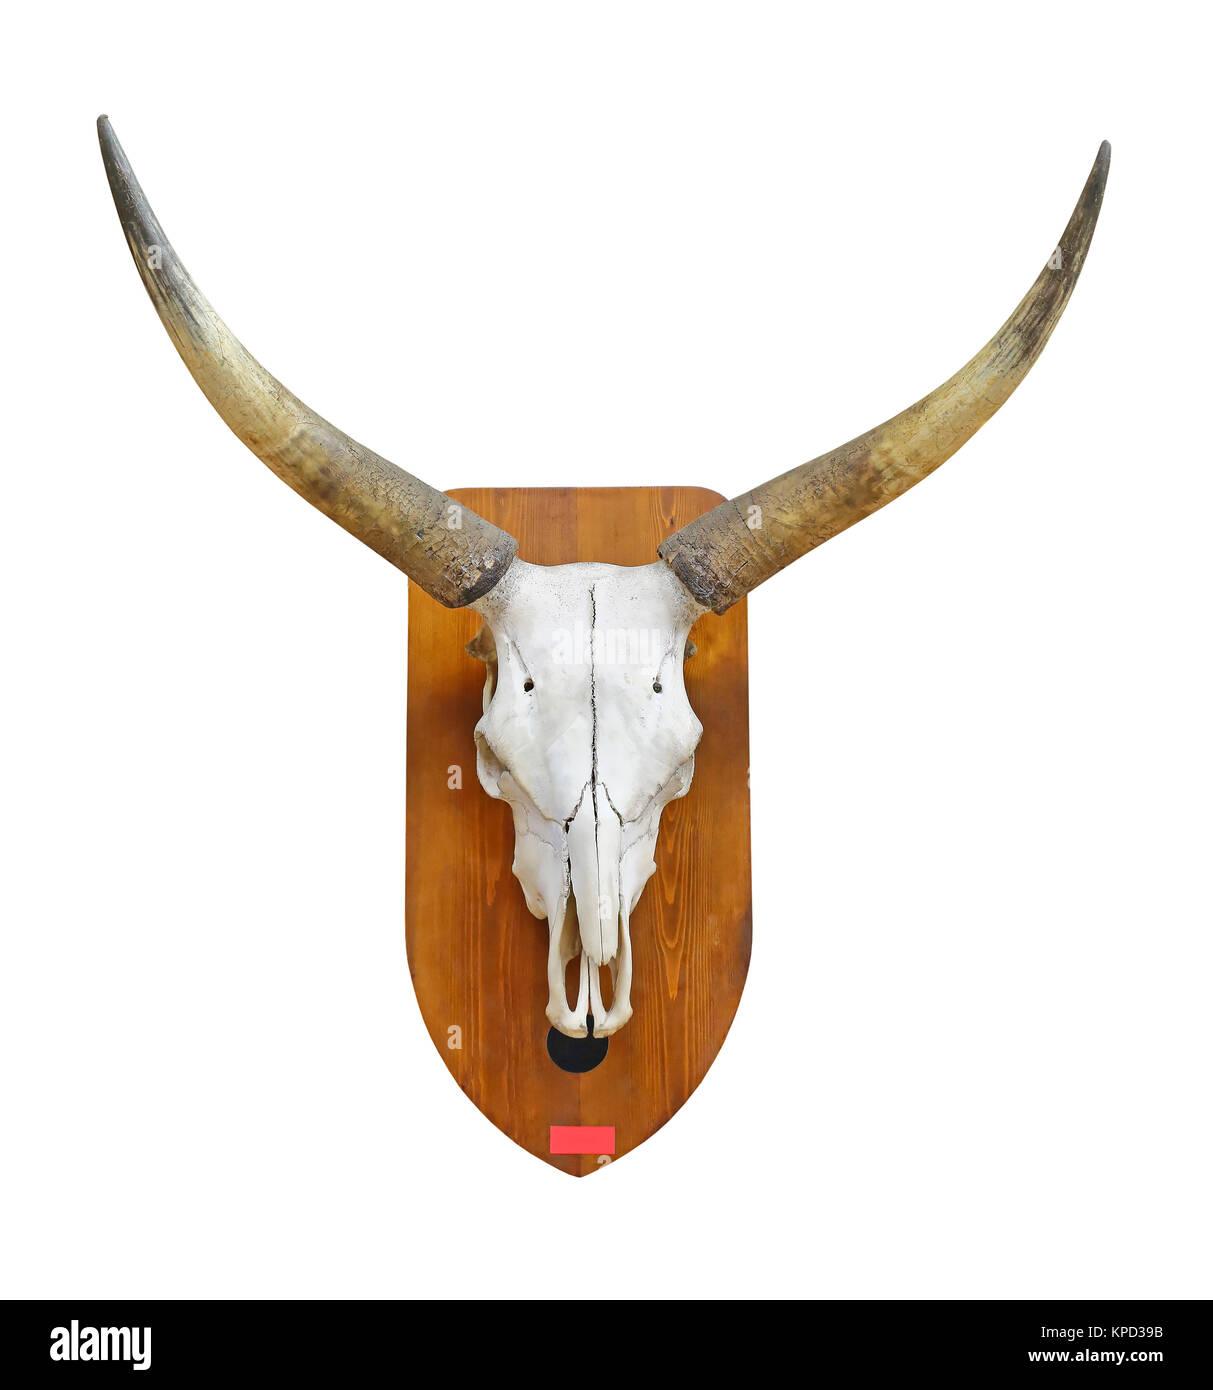 Crâne De Taureau Banque Dimages Photo Stock 168703735 Alamy